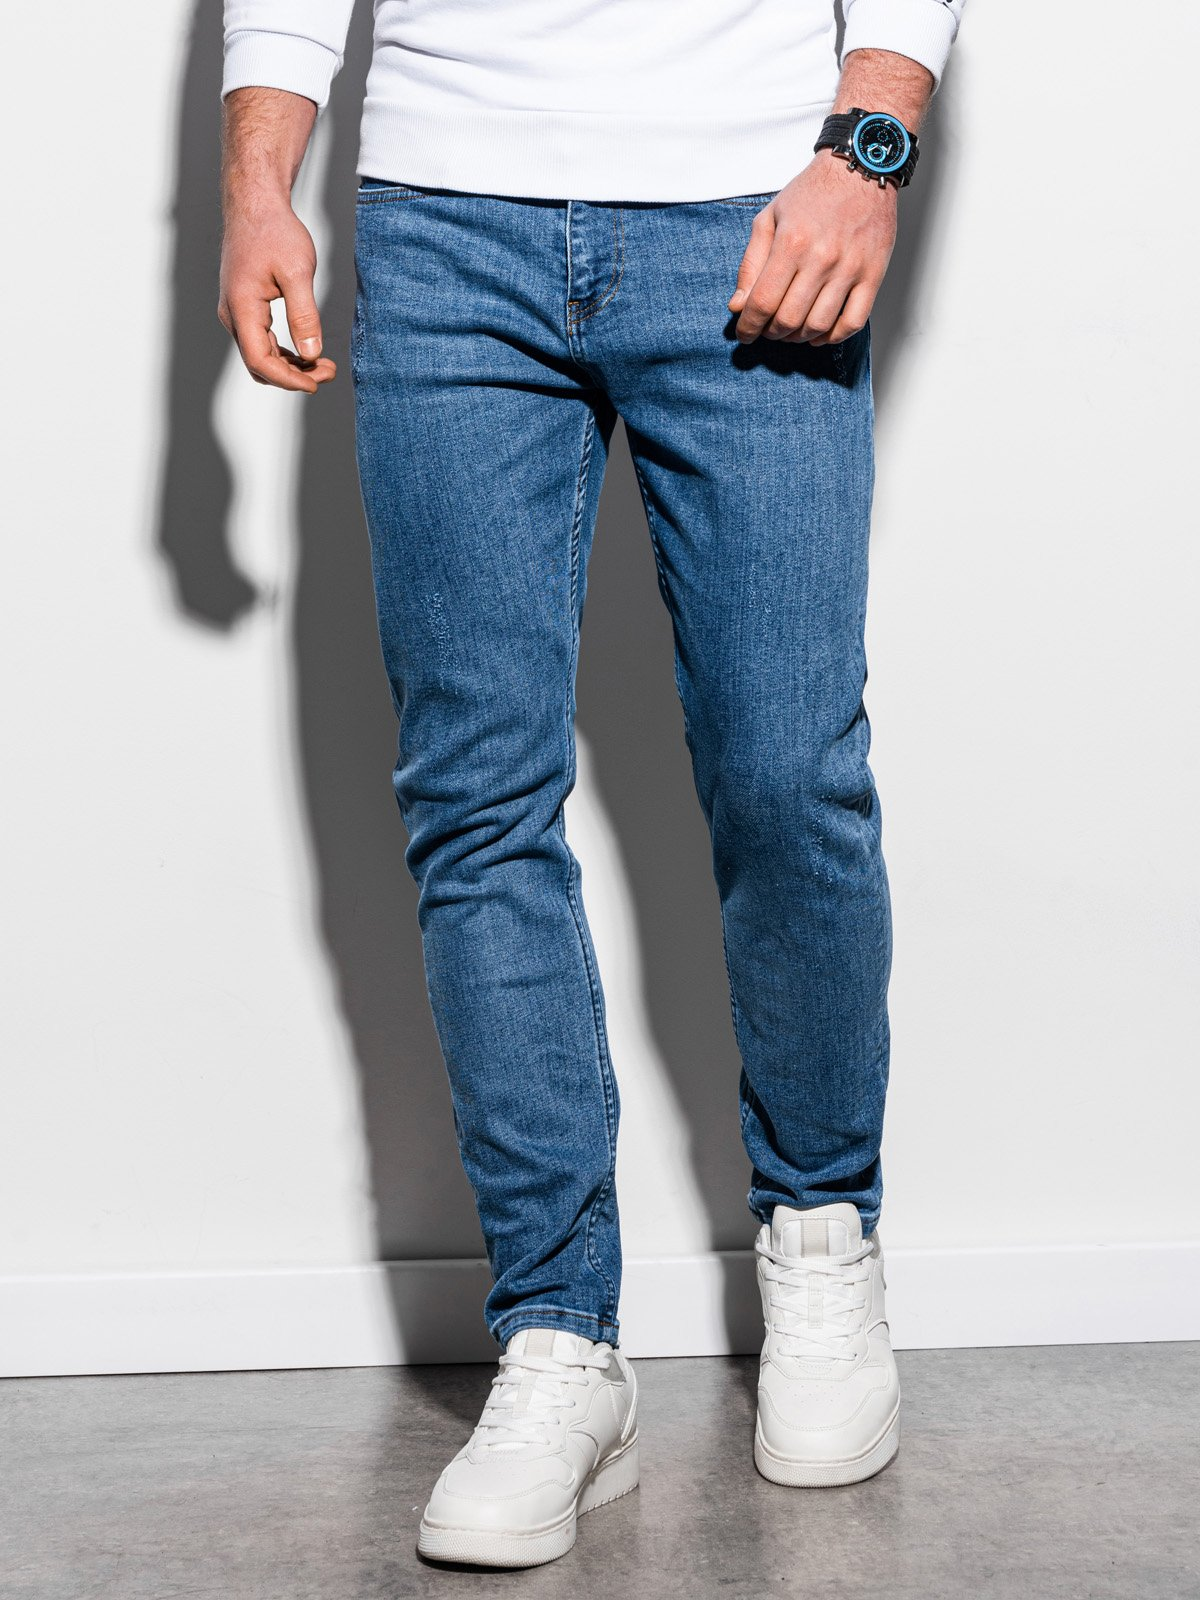 Spodnie męskie jeansowe P940 - jasnoniebieskie